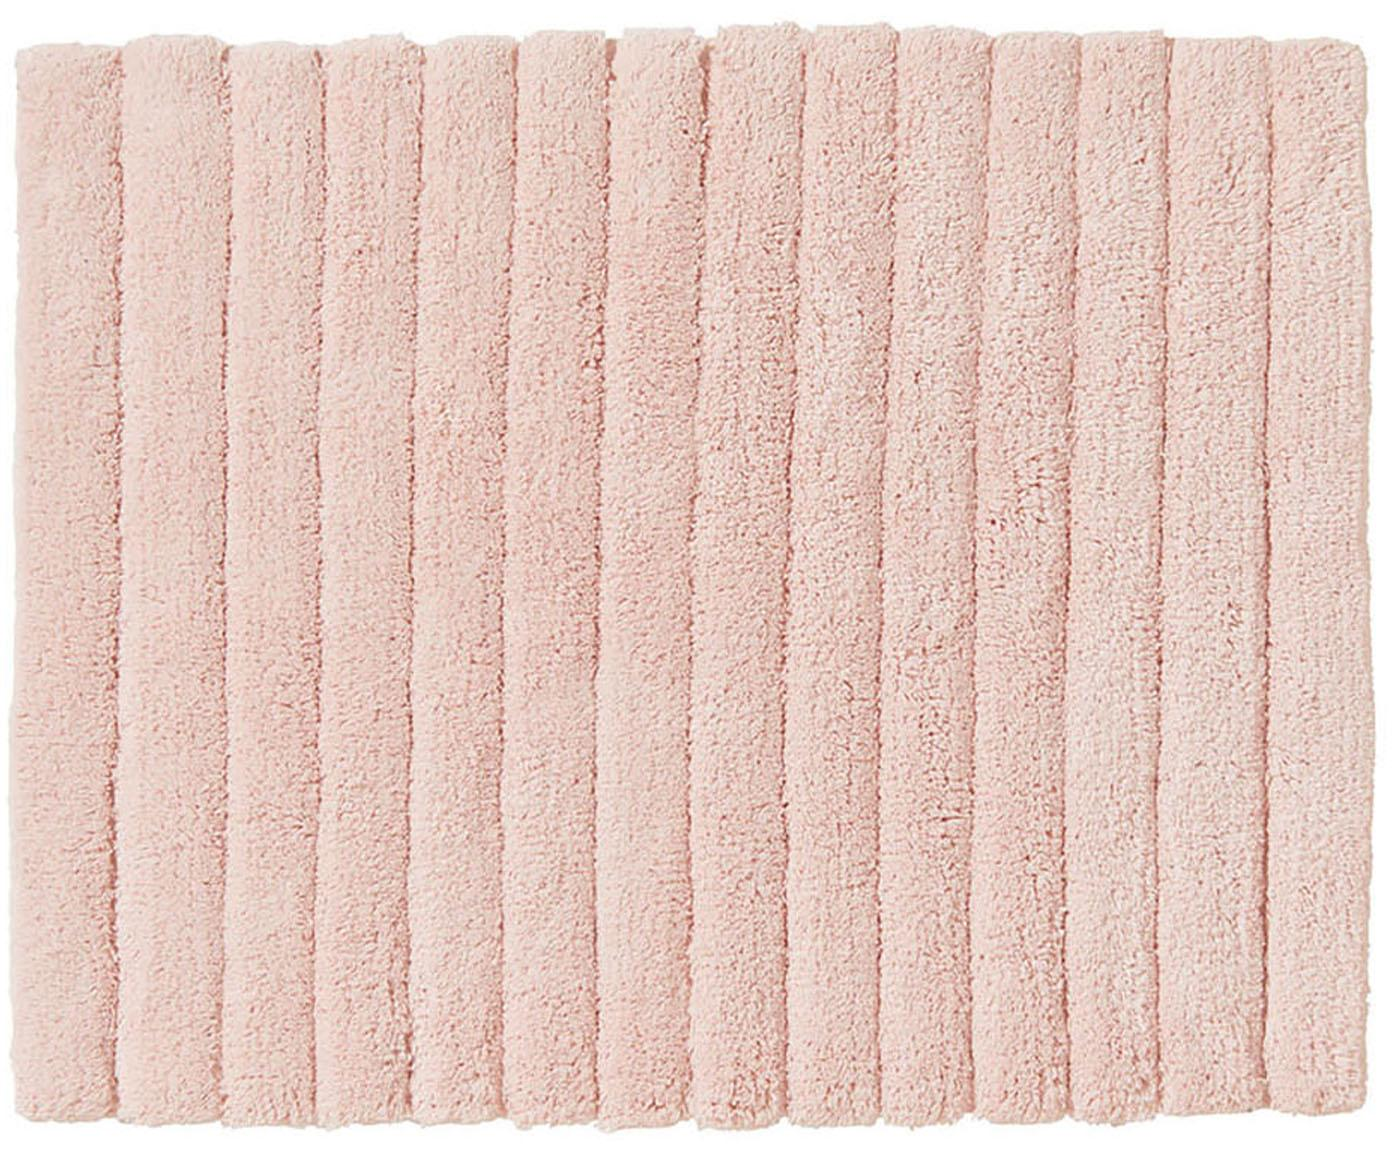 Tappeto bagno morbido Board, Cotone, qualità pesante 1900g/m², Rosa, Larg. 50 x Lung. 60 cm